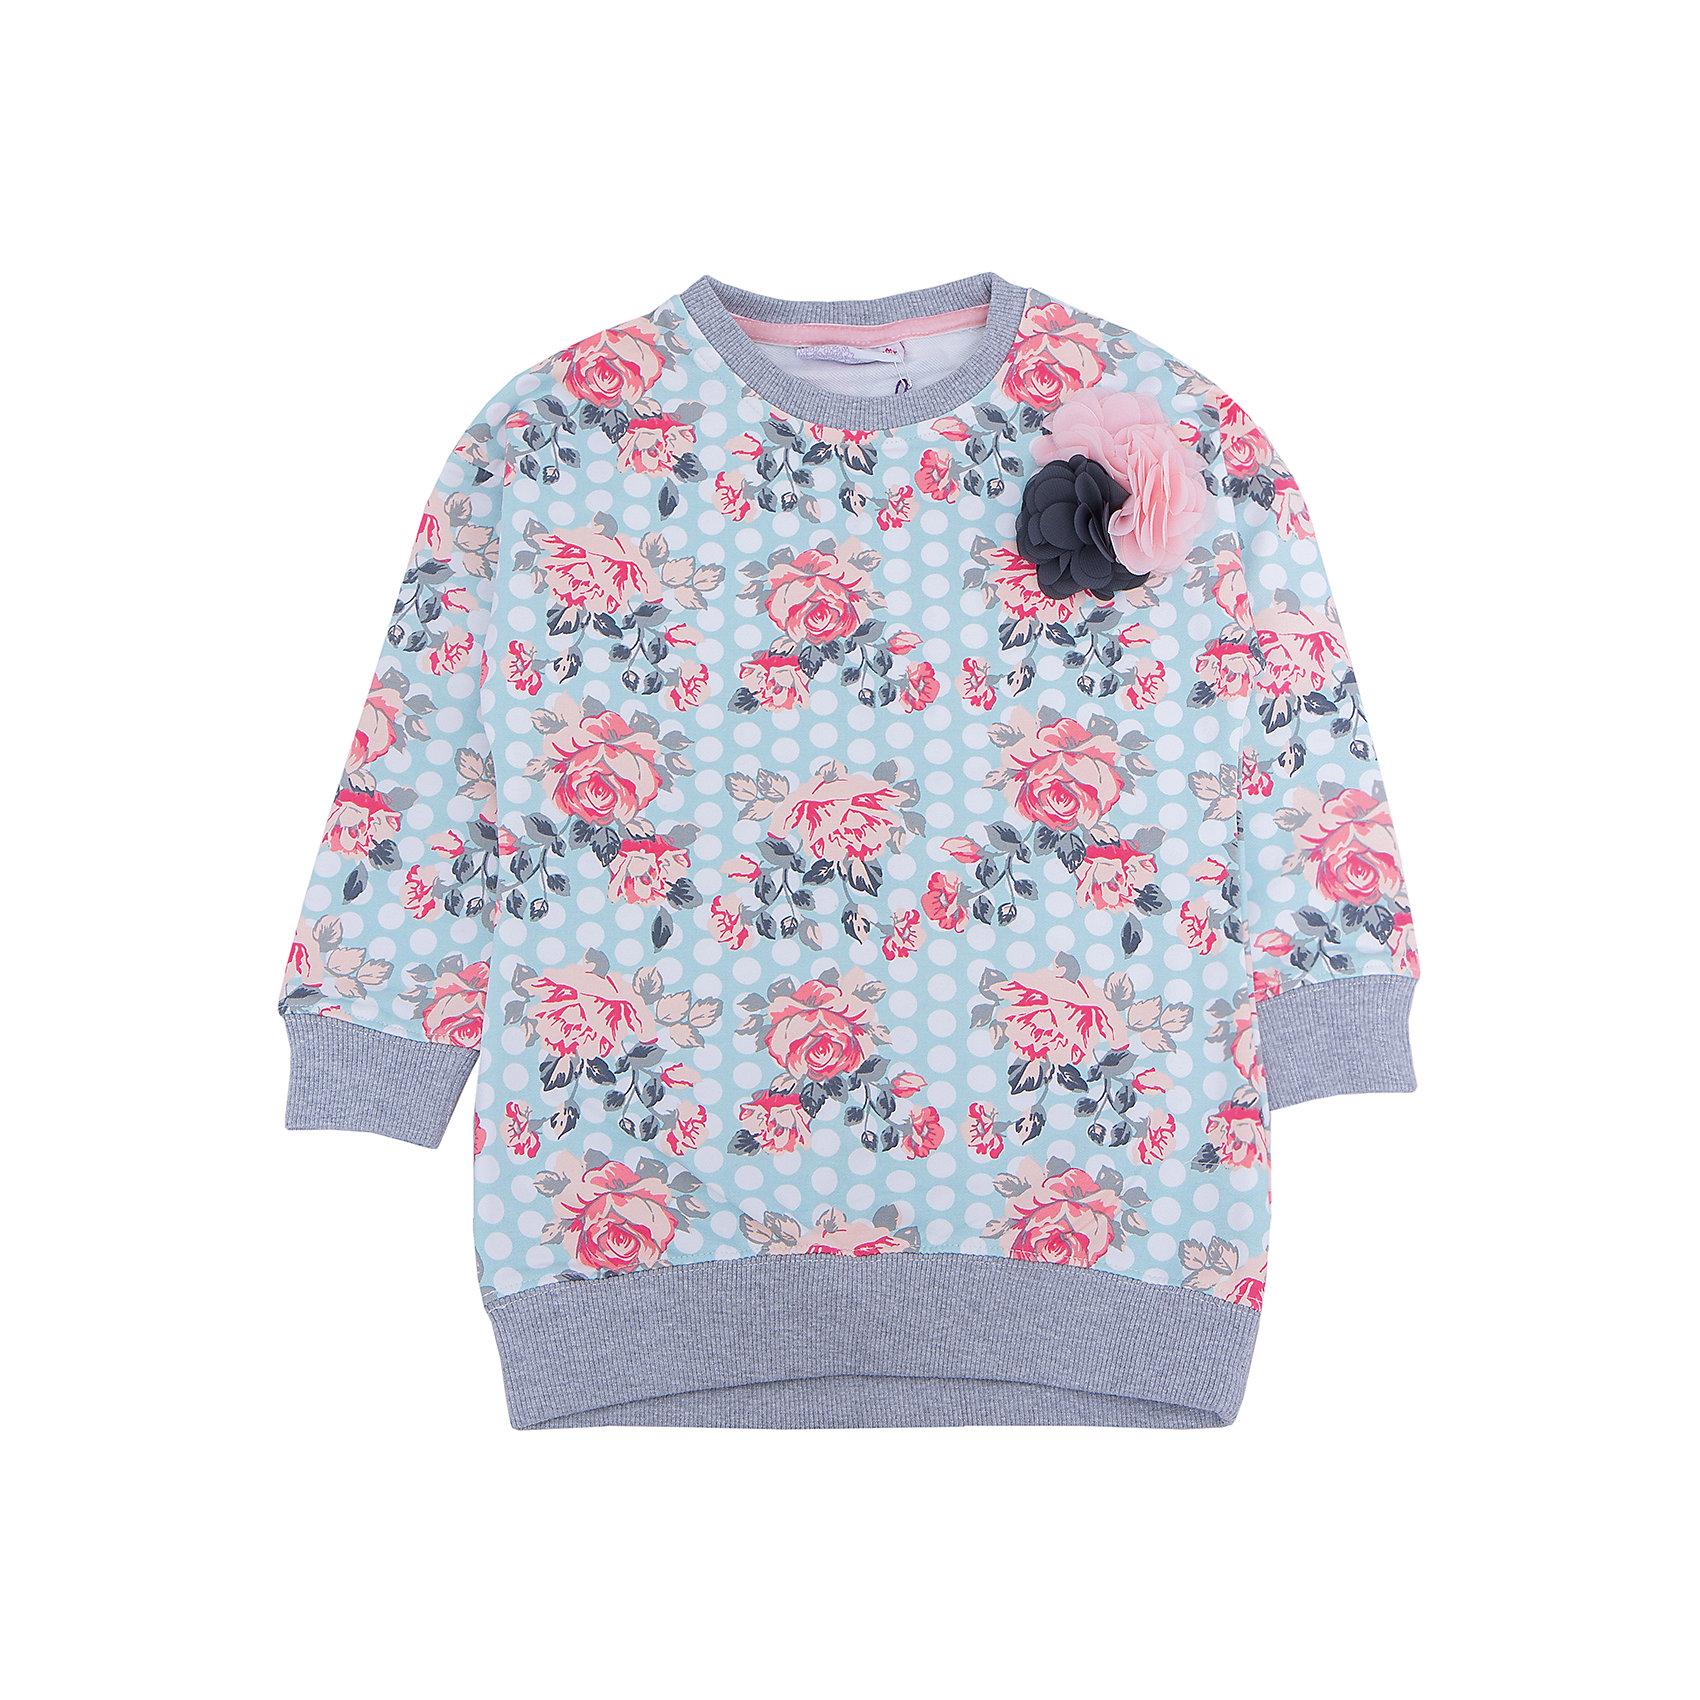 Толстовка для девочки Sweet BerryТолстовки<br>Толстовка – стильная одежда, способная надежно защищать от холодна маленькую модницу. Комфорт и стиль – две главные составляющие детской одежды. Теплые вещи могут быть красивыми. Уникальные особенности данной модели – модный цветочный принт, нежные цвета и украшение в верхней части толстовки – композиция цветков из шифона. Универсальный крой поможет создать множество образов. Материалы, использованные при изготовлении одежды, полностью безопасны для детей и отвечают всем требованиям по качеству продукции данной категории.<br><br>Дополнительная информация: <br><br>аксессуар – шифоновый цветок;<br>модный принт;<br>манжеты на рукавах;<br>прямой силуэт;<br>цвет: голубой;<br>материал: хлопок 95%, эластан 5%.<br><br>Толстовку для девочки от компании Sweet Berry можно приобрести в нашем магазине.<br><br>Ширина мм: 190<br>Глубина мм: 74<br>Высота мм: 229<br>Вес г: 236<br>Цвет: голубой<br>Возраст от месяцев: 36<br>Возраст до месяцев: 48<br>Пол: Женский<br>Возраст: Детский<br>Размер: 104,98,110,116,122,128<br>SKU: 4931911